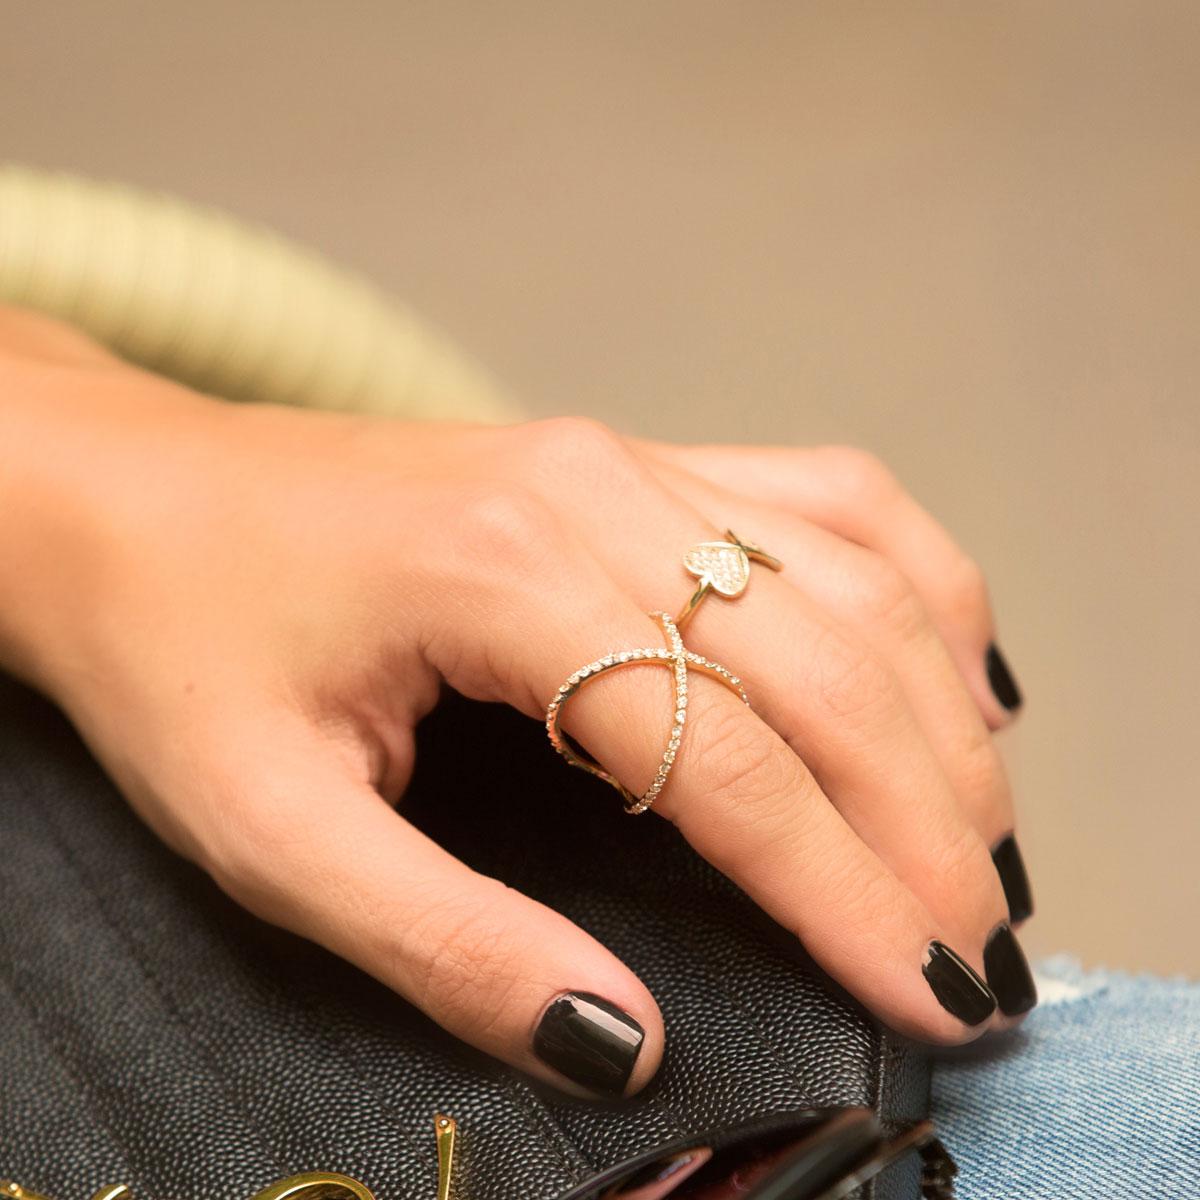 انگشتر در انگشت های مختلف چه مفهومی دارد؟